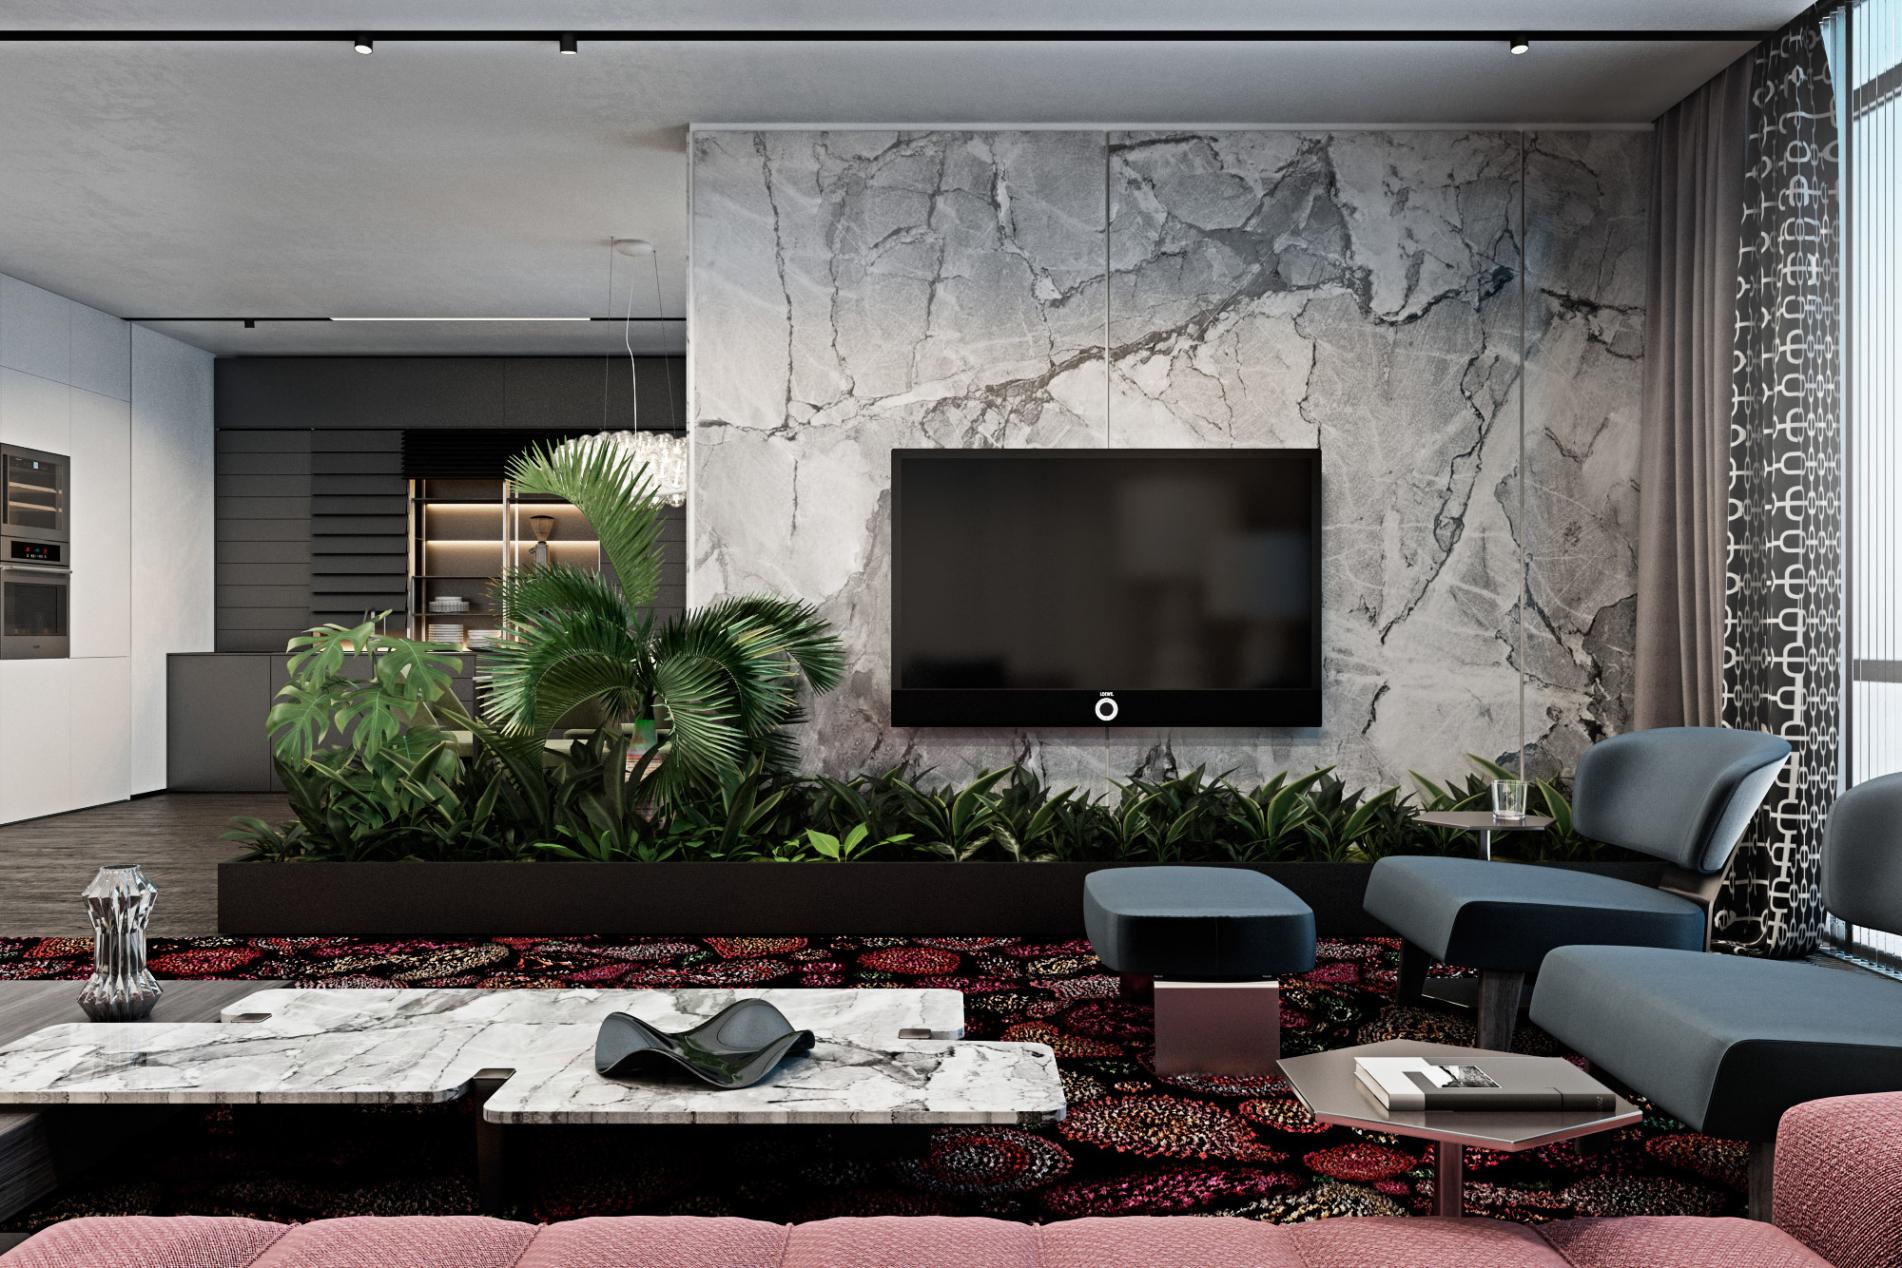 Thiết kế hệ thống cây cảnh thay kệ tivi làm phòng khách trở nên gần gũi với thiên nhiên hơn